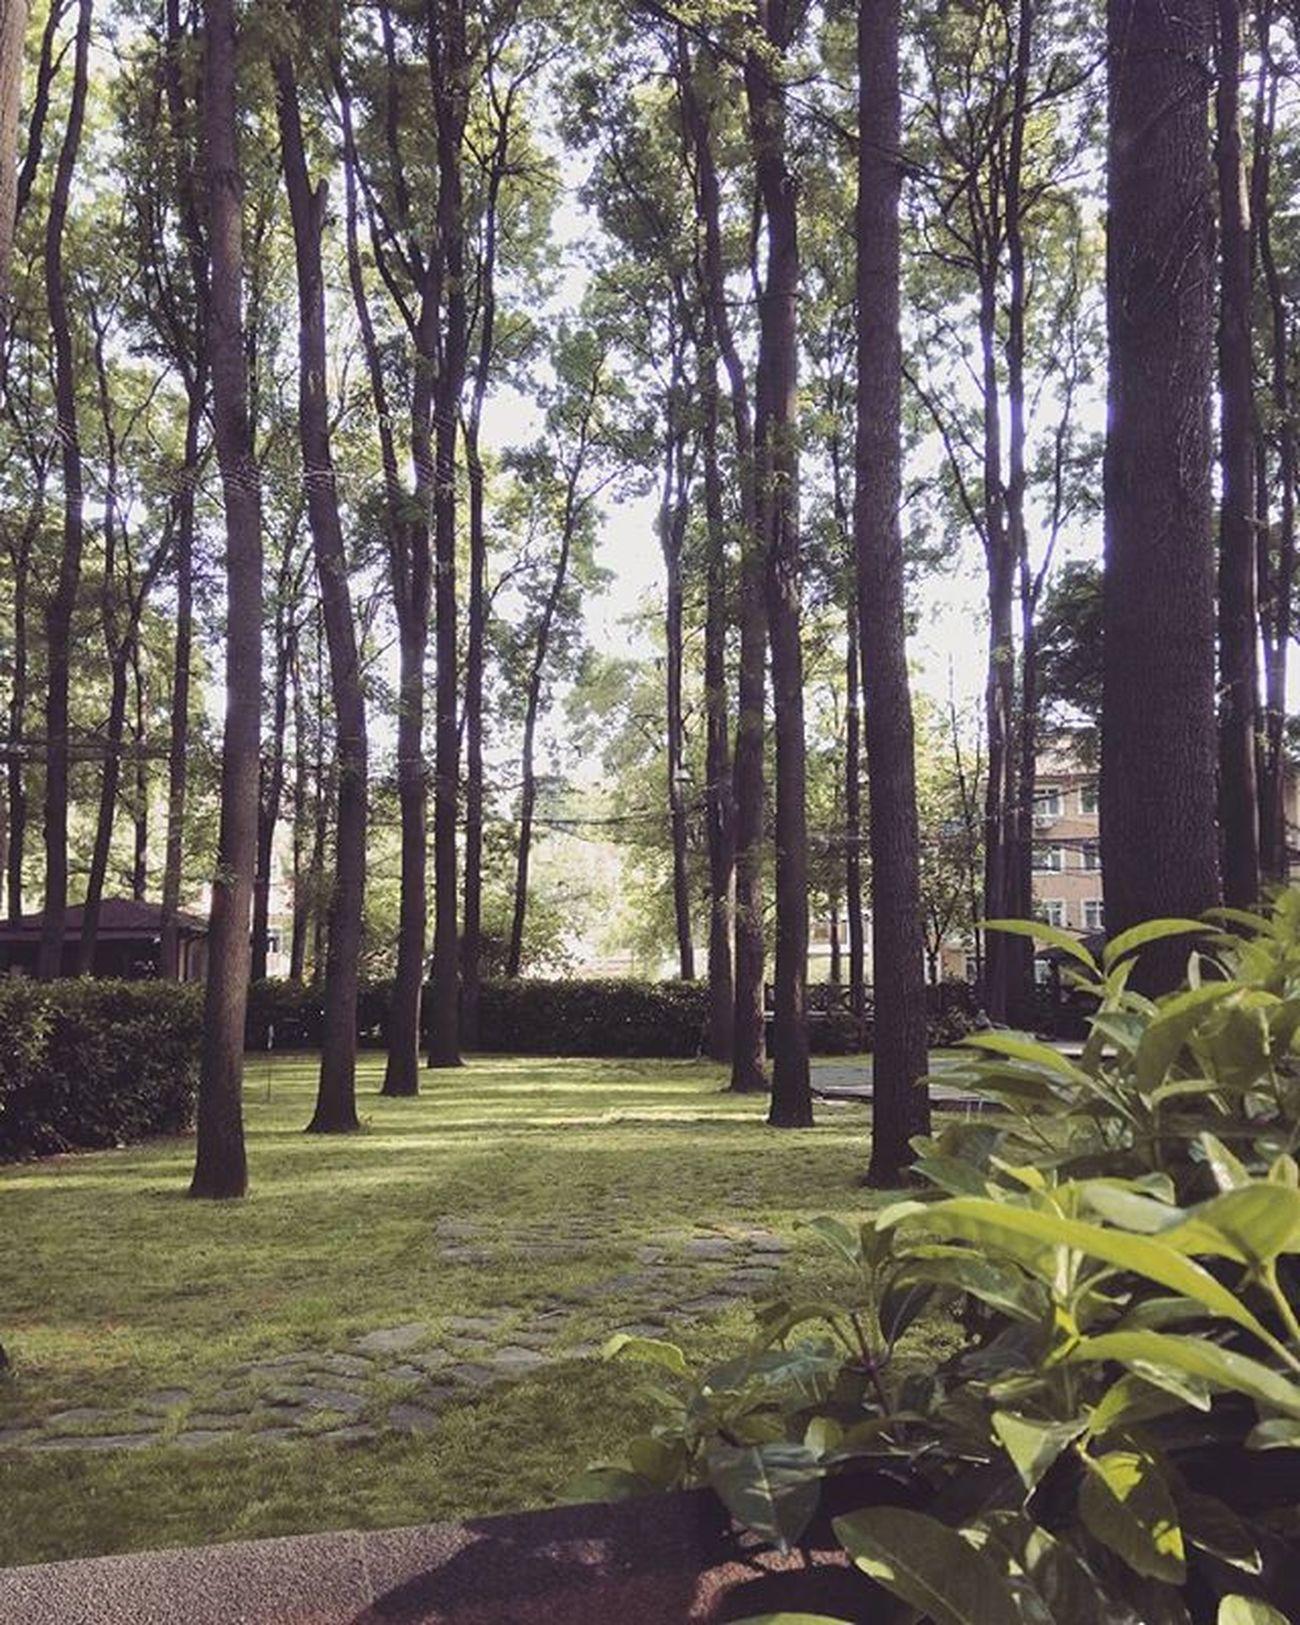 Ah yeşil, ağaç, doğa nasıl güzelsin nasıl 😍 Naturelovers Nature Naturephoto Doğa Doğafotoğrafçılığı Doğayı SEV Ormanpark Ormanısev Yeşilikoru Photograph Photooftheday Photographer Instagram Turkistagram Vsturkey Vsphoto Vscocam 23042016 Vscom Fotoğrafım